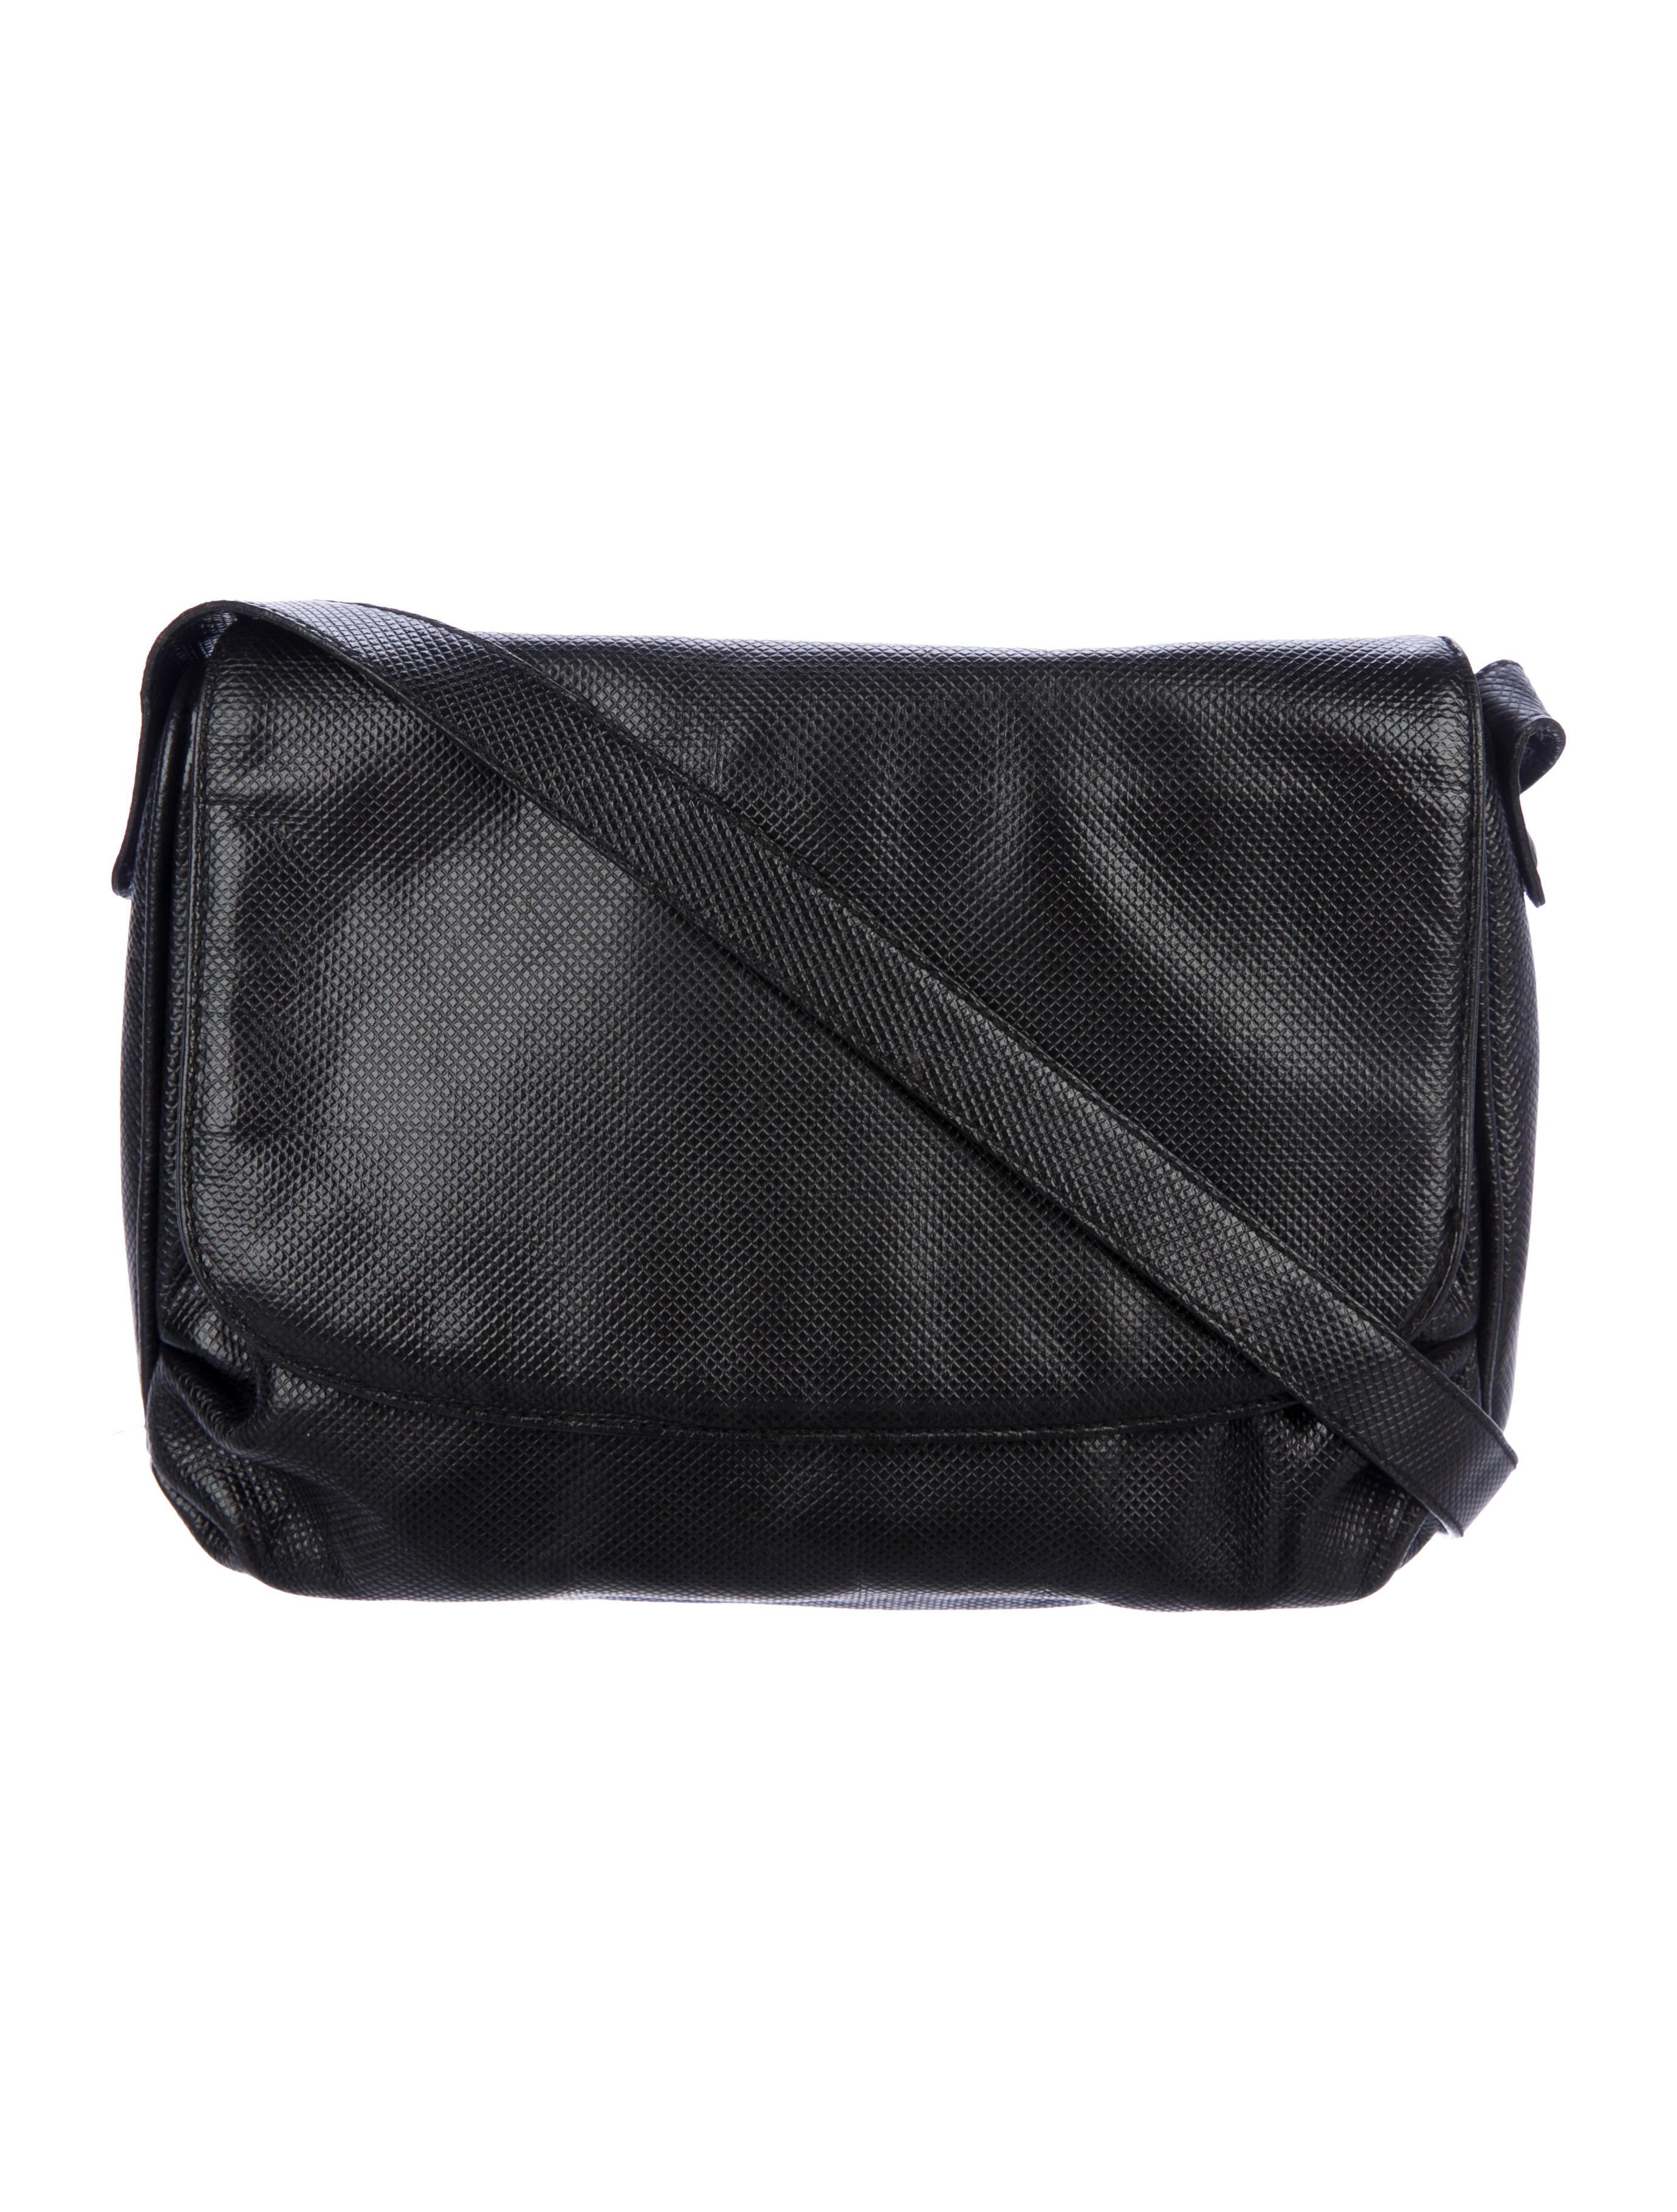 201b1c02a850 Bottega Veneta Vintage Marco Polo Crossbody Bag - Handbags ...